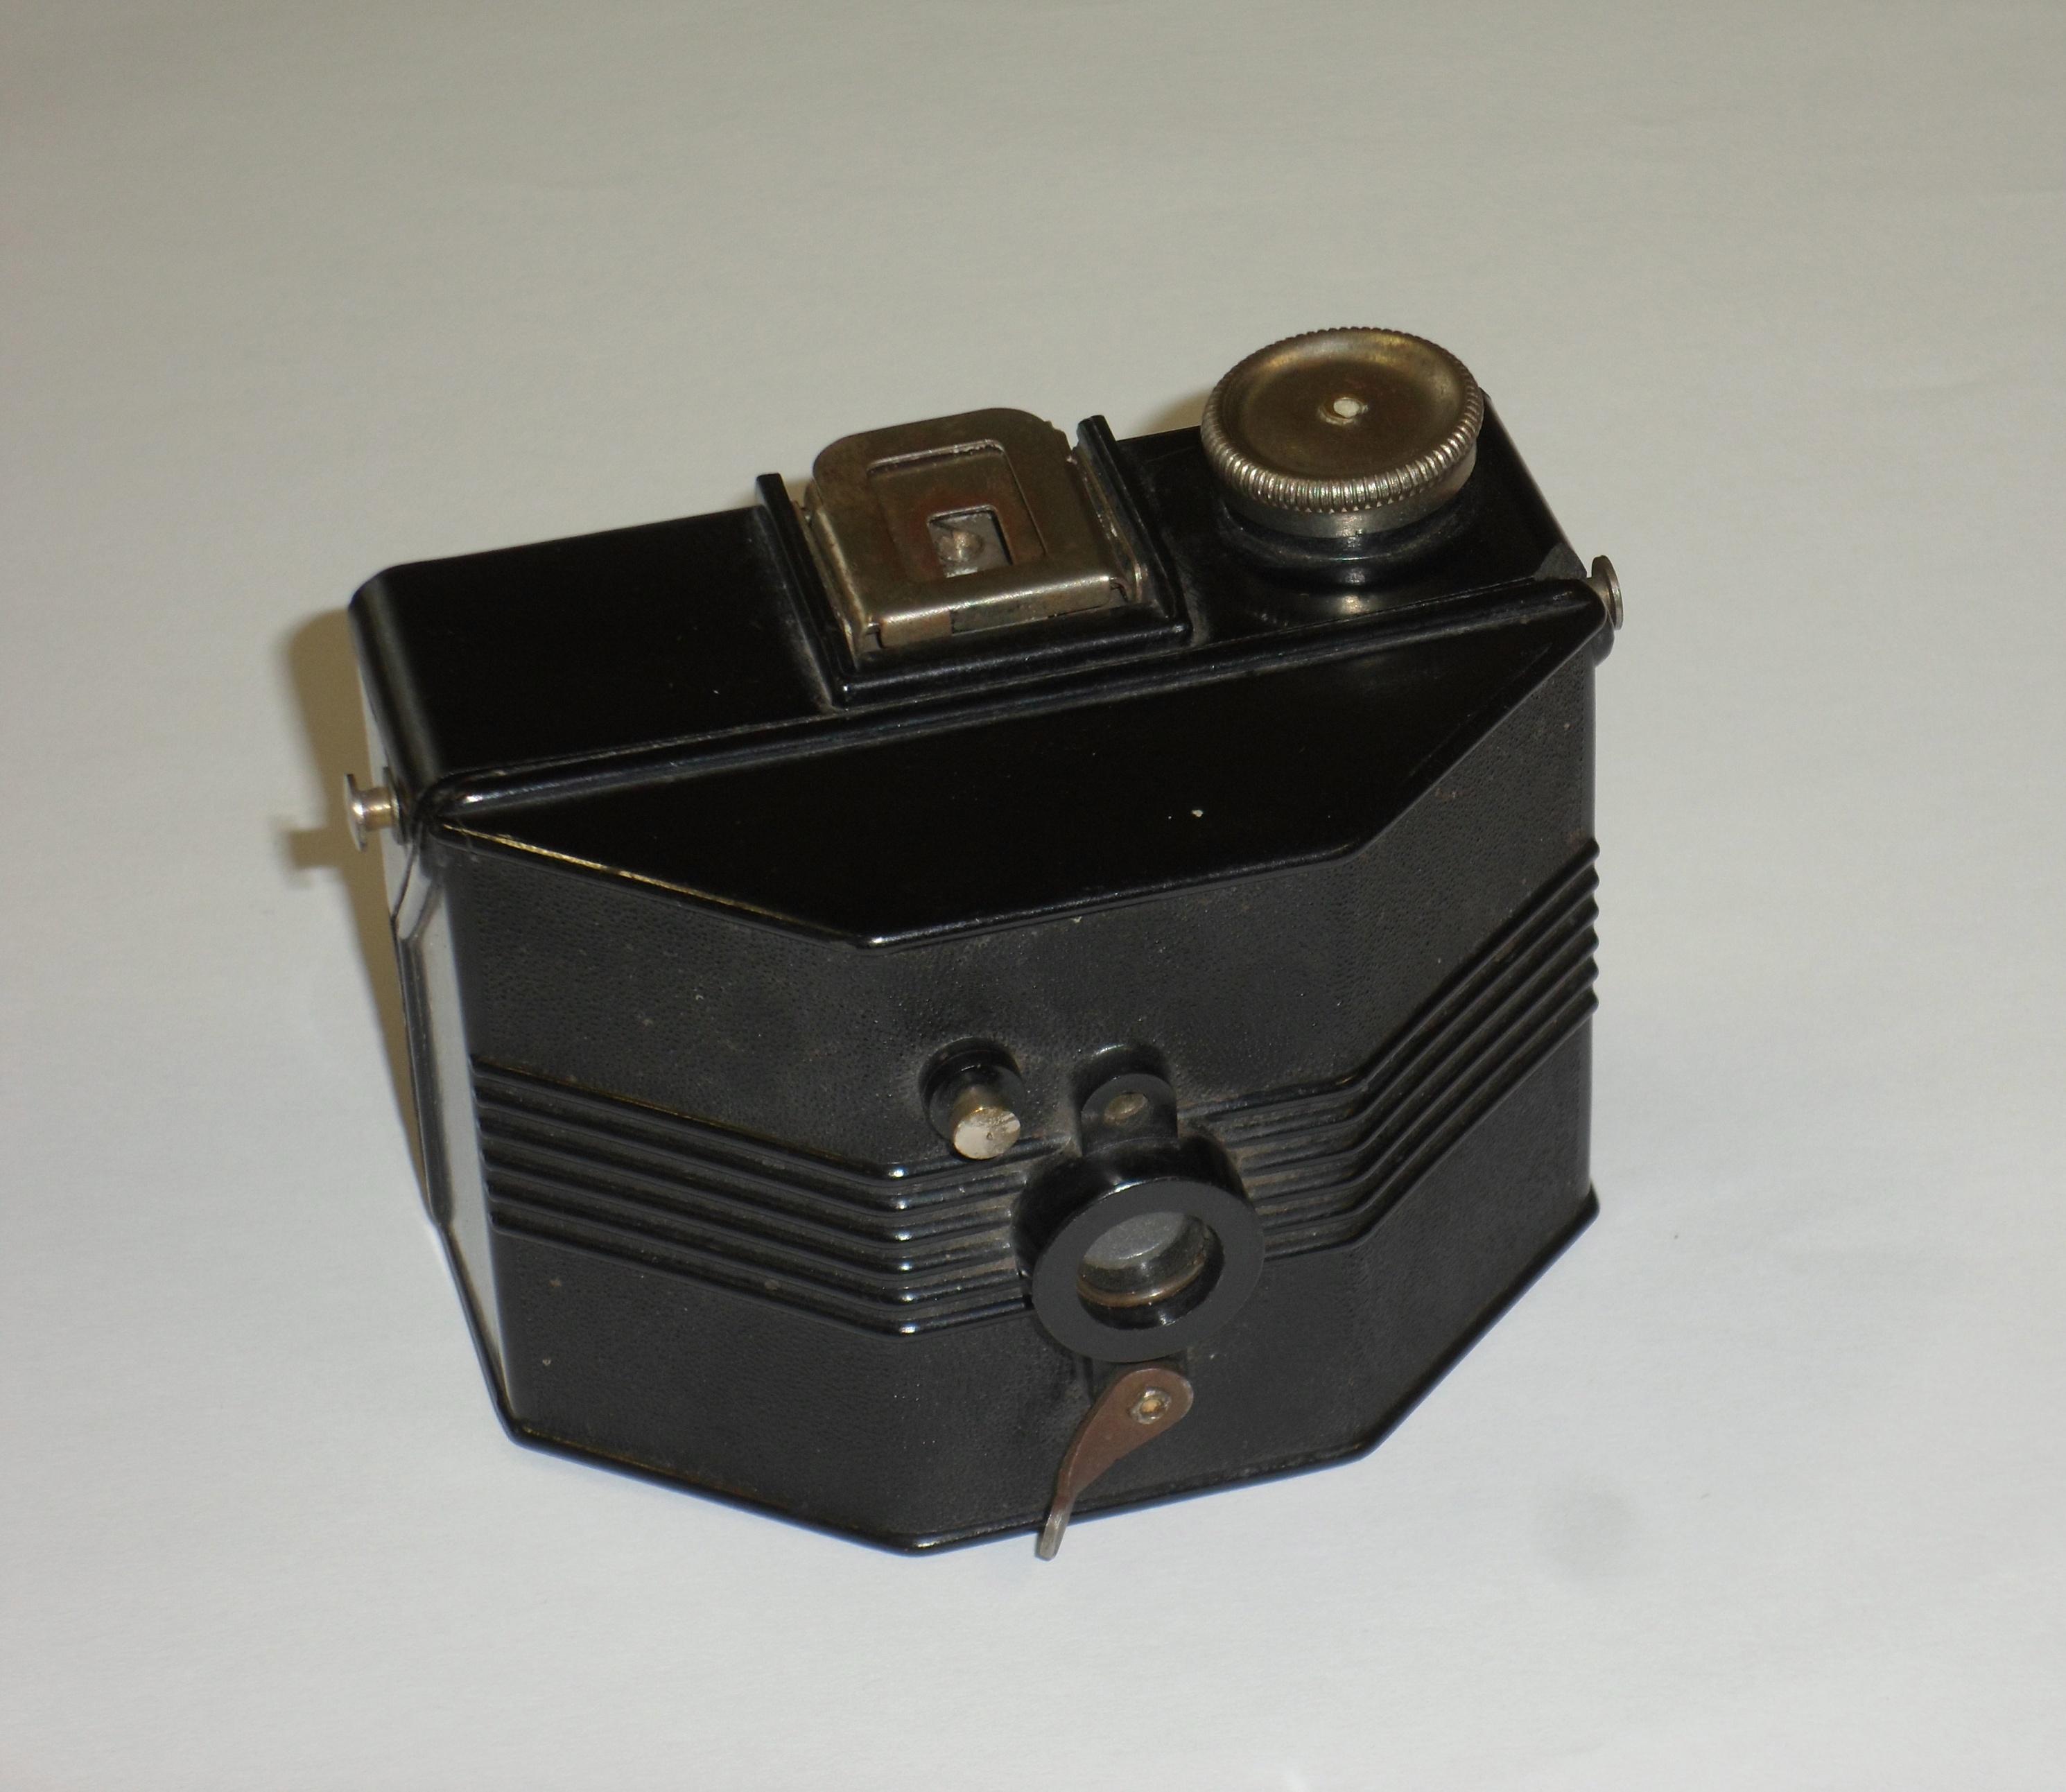 Fotoapparat Beirette SL300